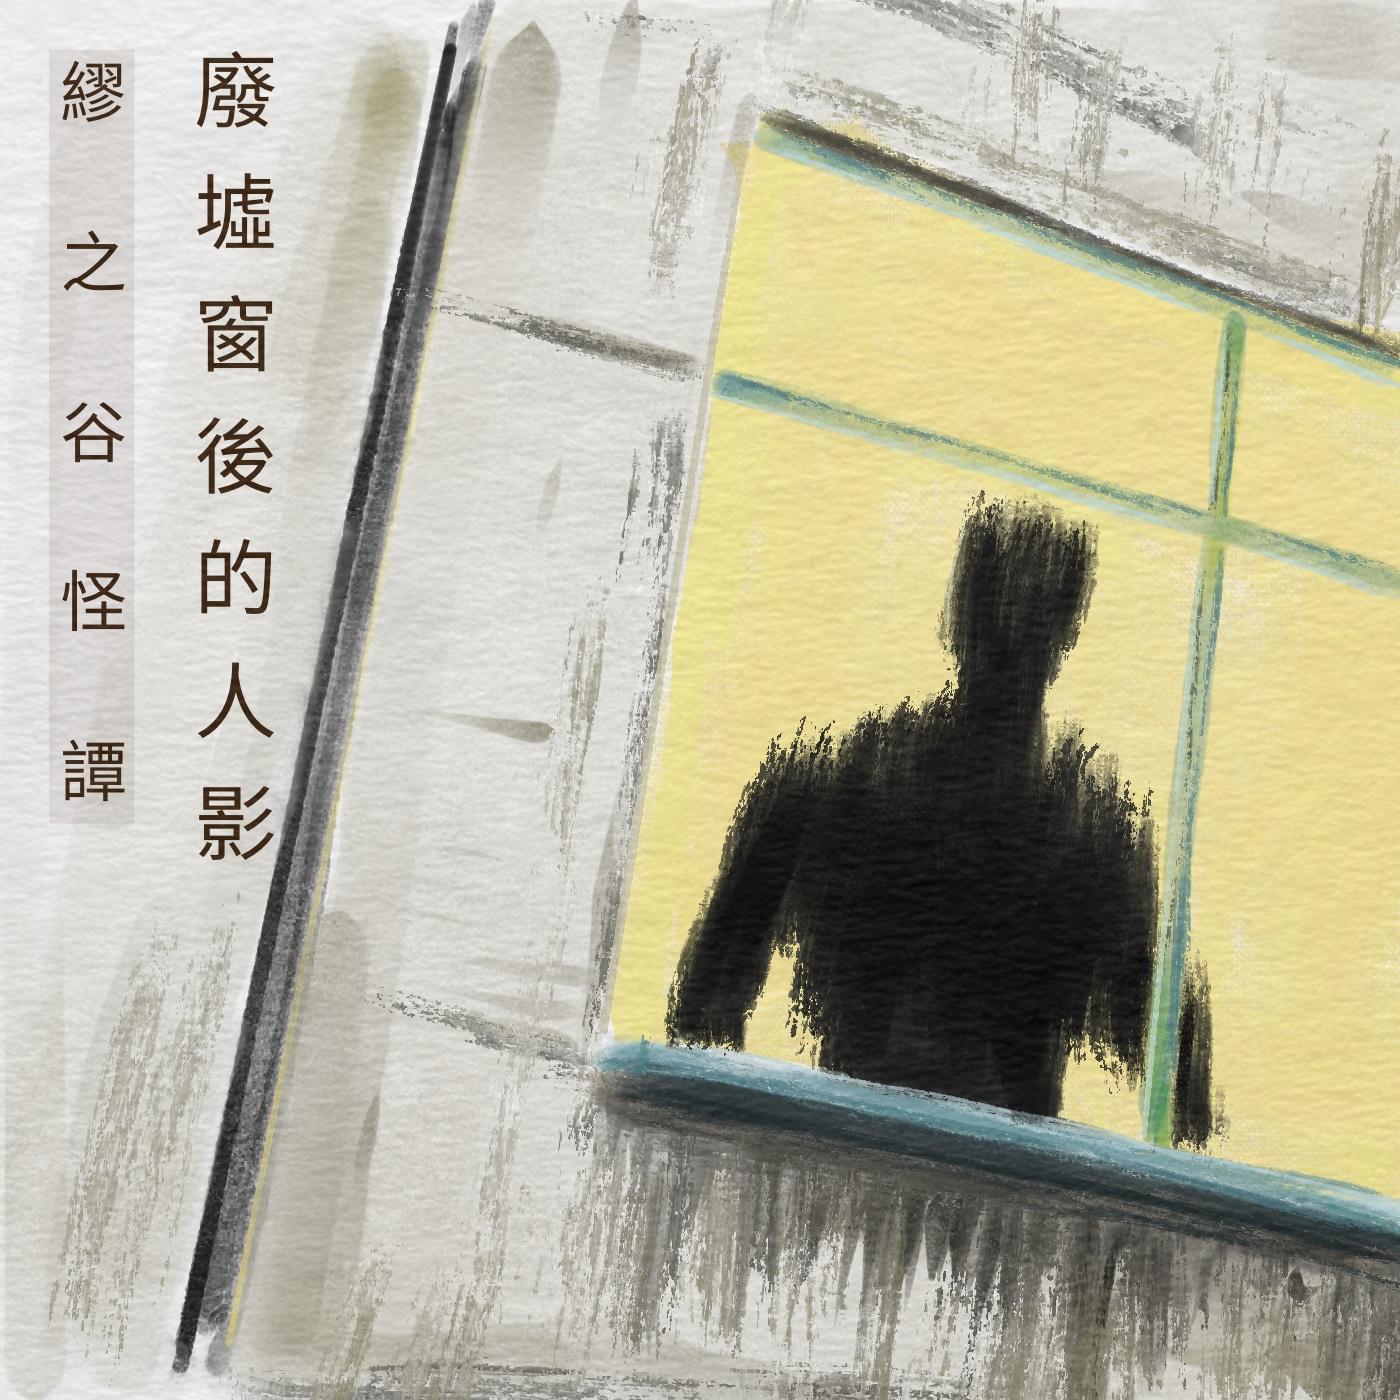 《繆之谷怪譚》第六章:廢墟窗後的人影